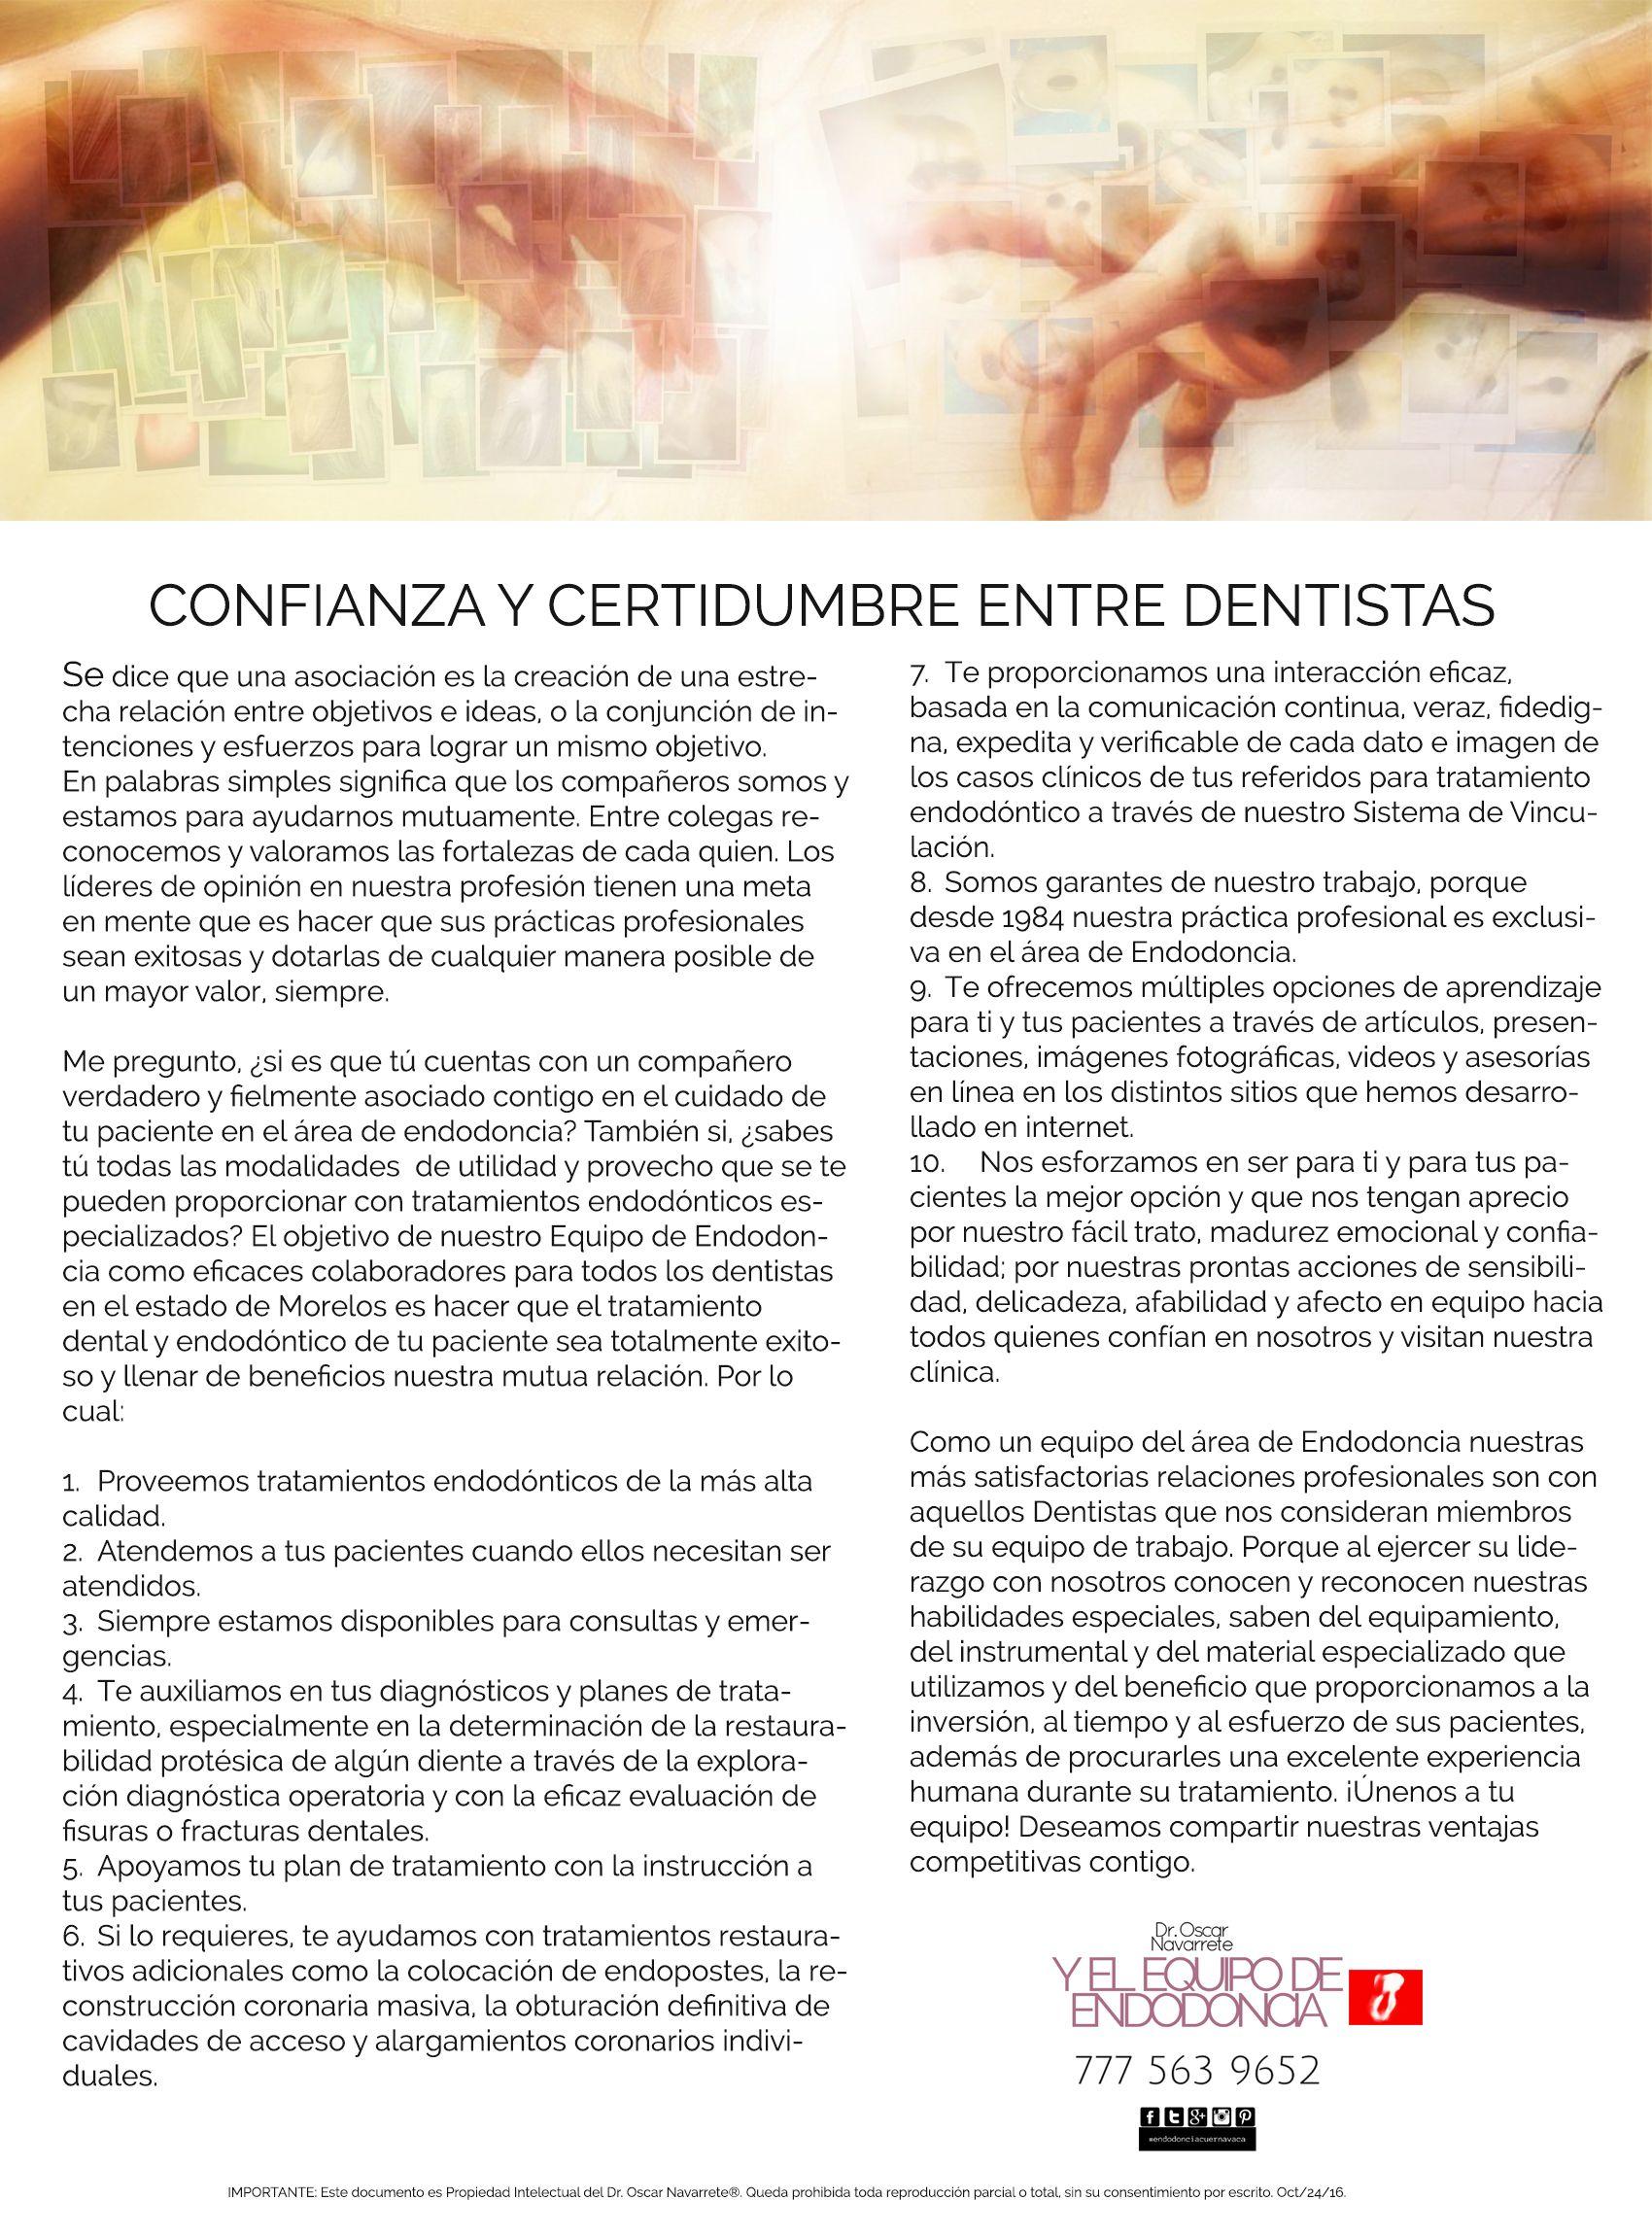 Endodoncia en Cuernavaca #Endodonciacuernavaca  #Endodonciamorelos #Endodonciamexico #Endodoncia #Endodoncistacuernavaca